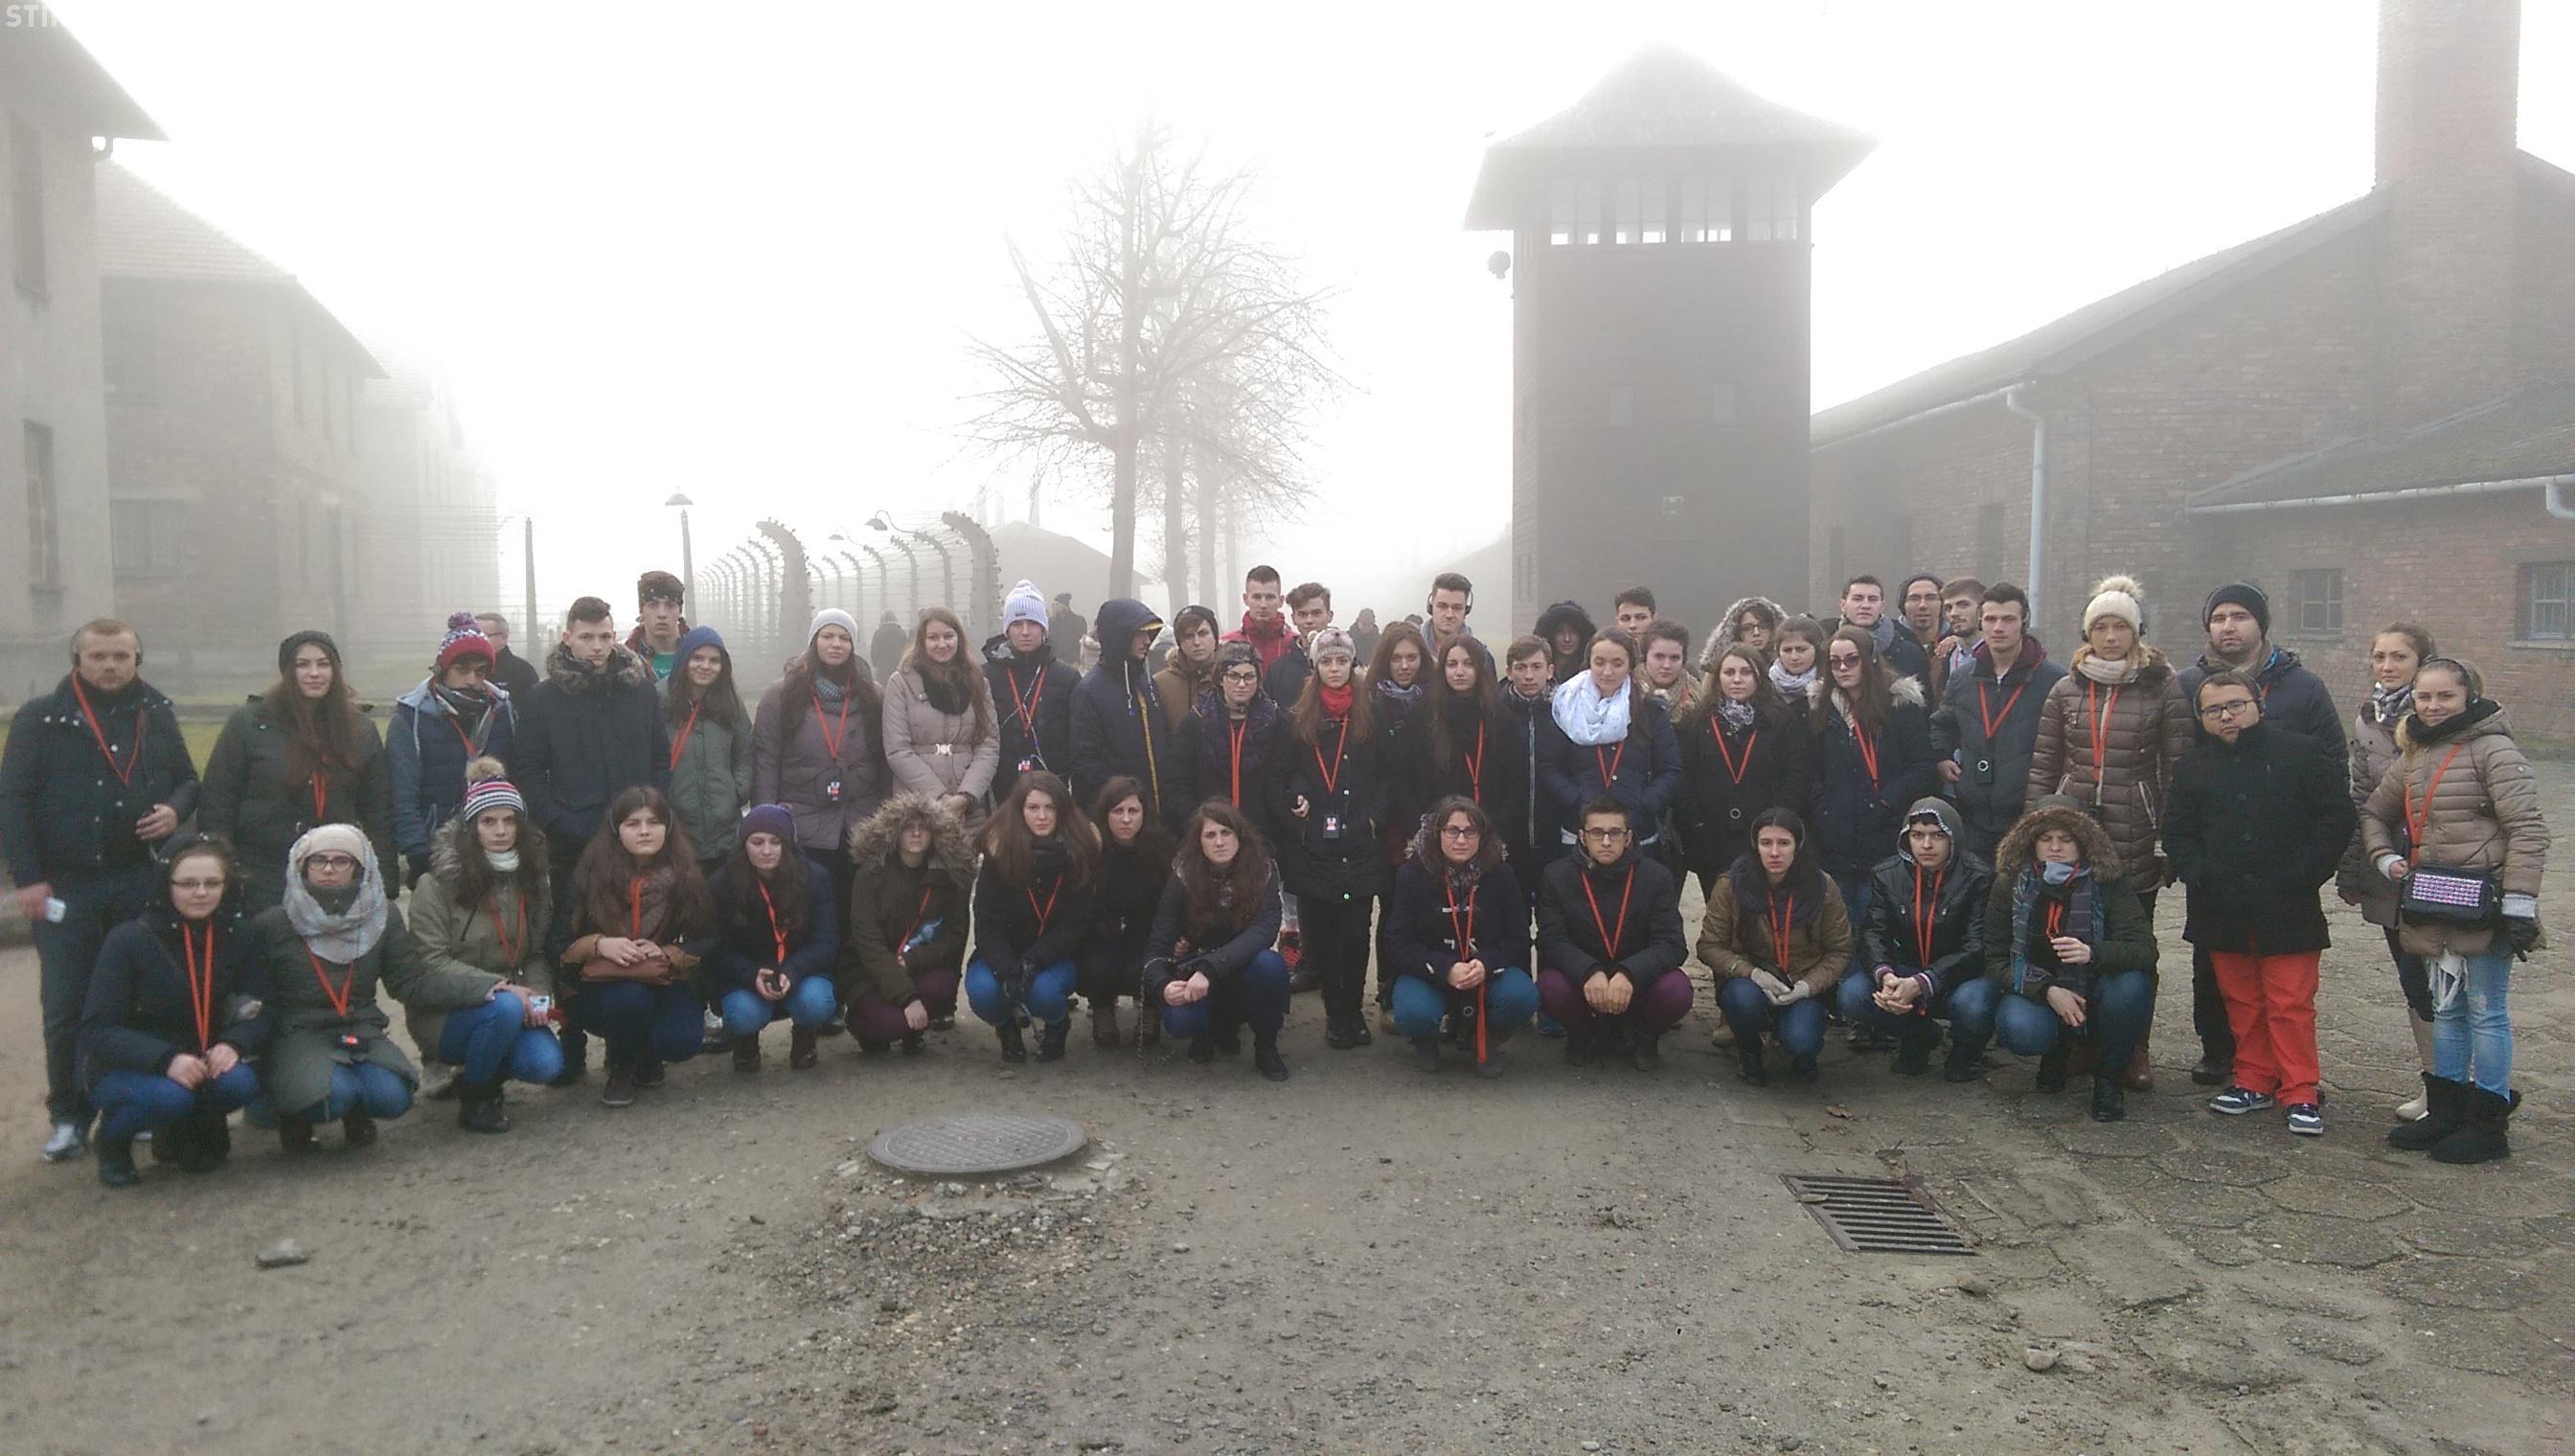 Infernul concentraționar de la Auschwitz-Birkenau văzut prin ochii unor elevi clujeni și a unor tineri dependenți de dializă